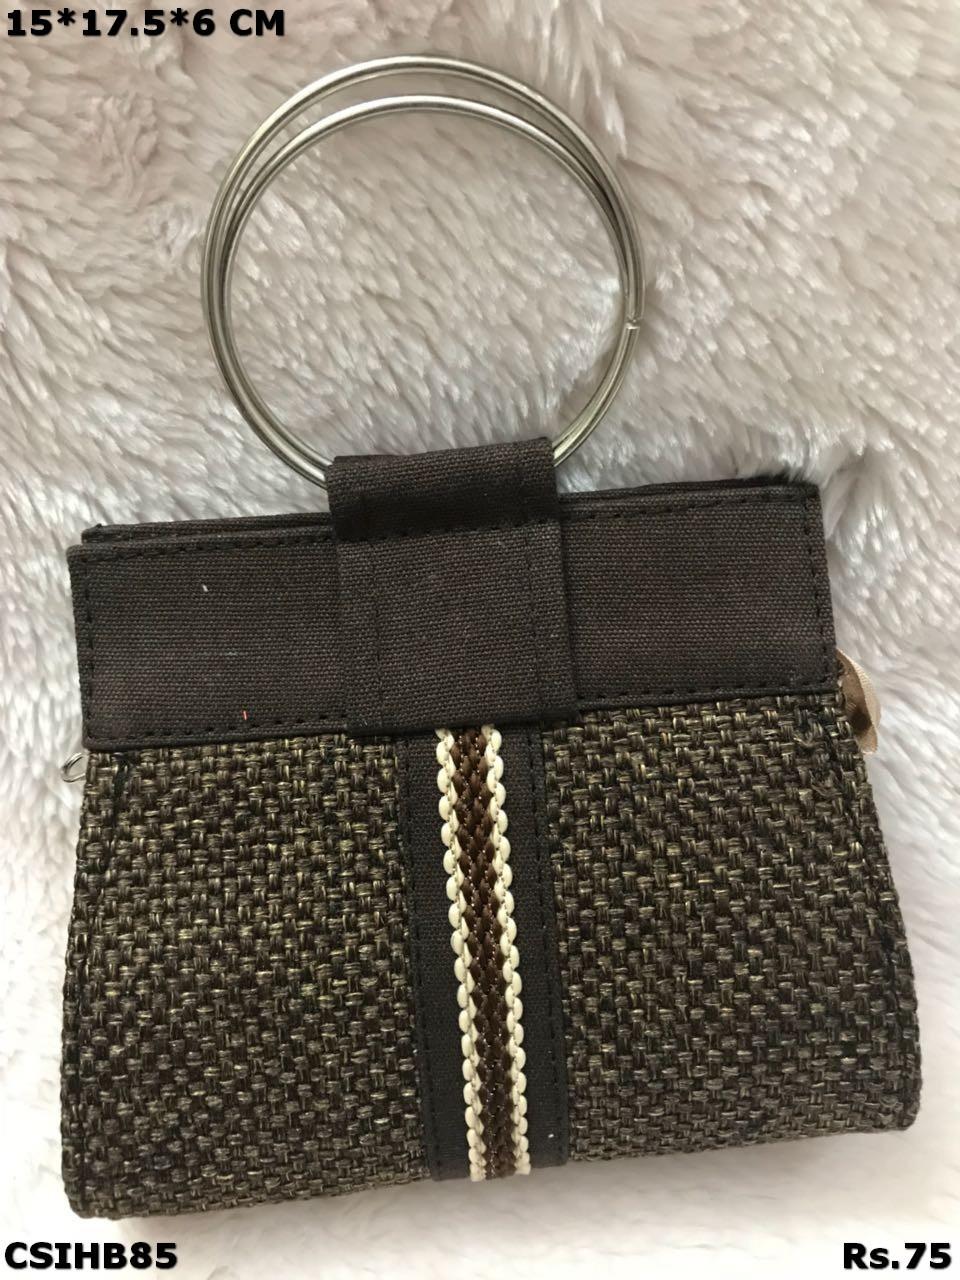 Small Jute Handbag